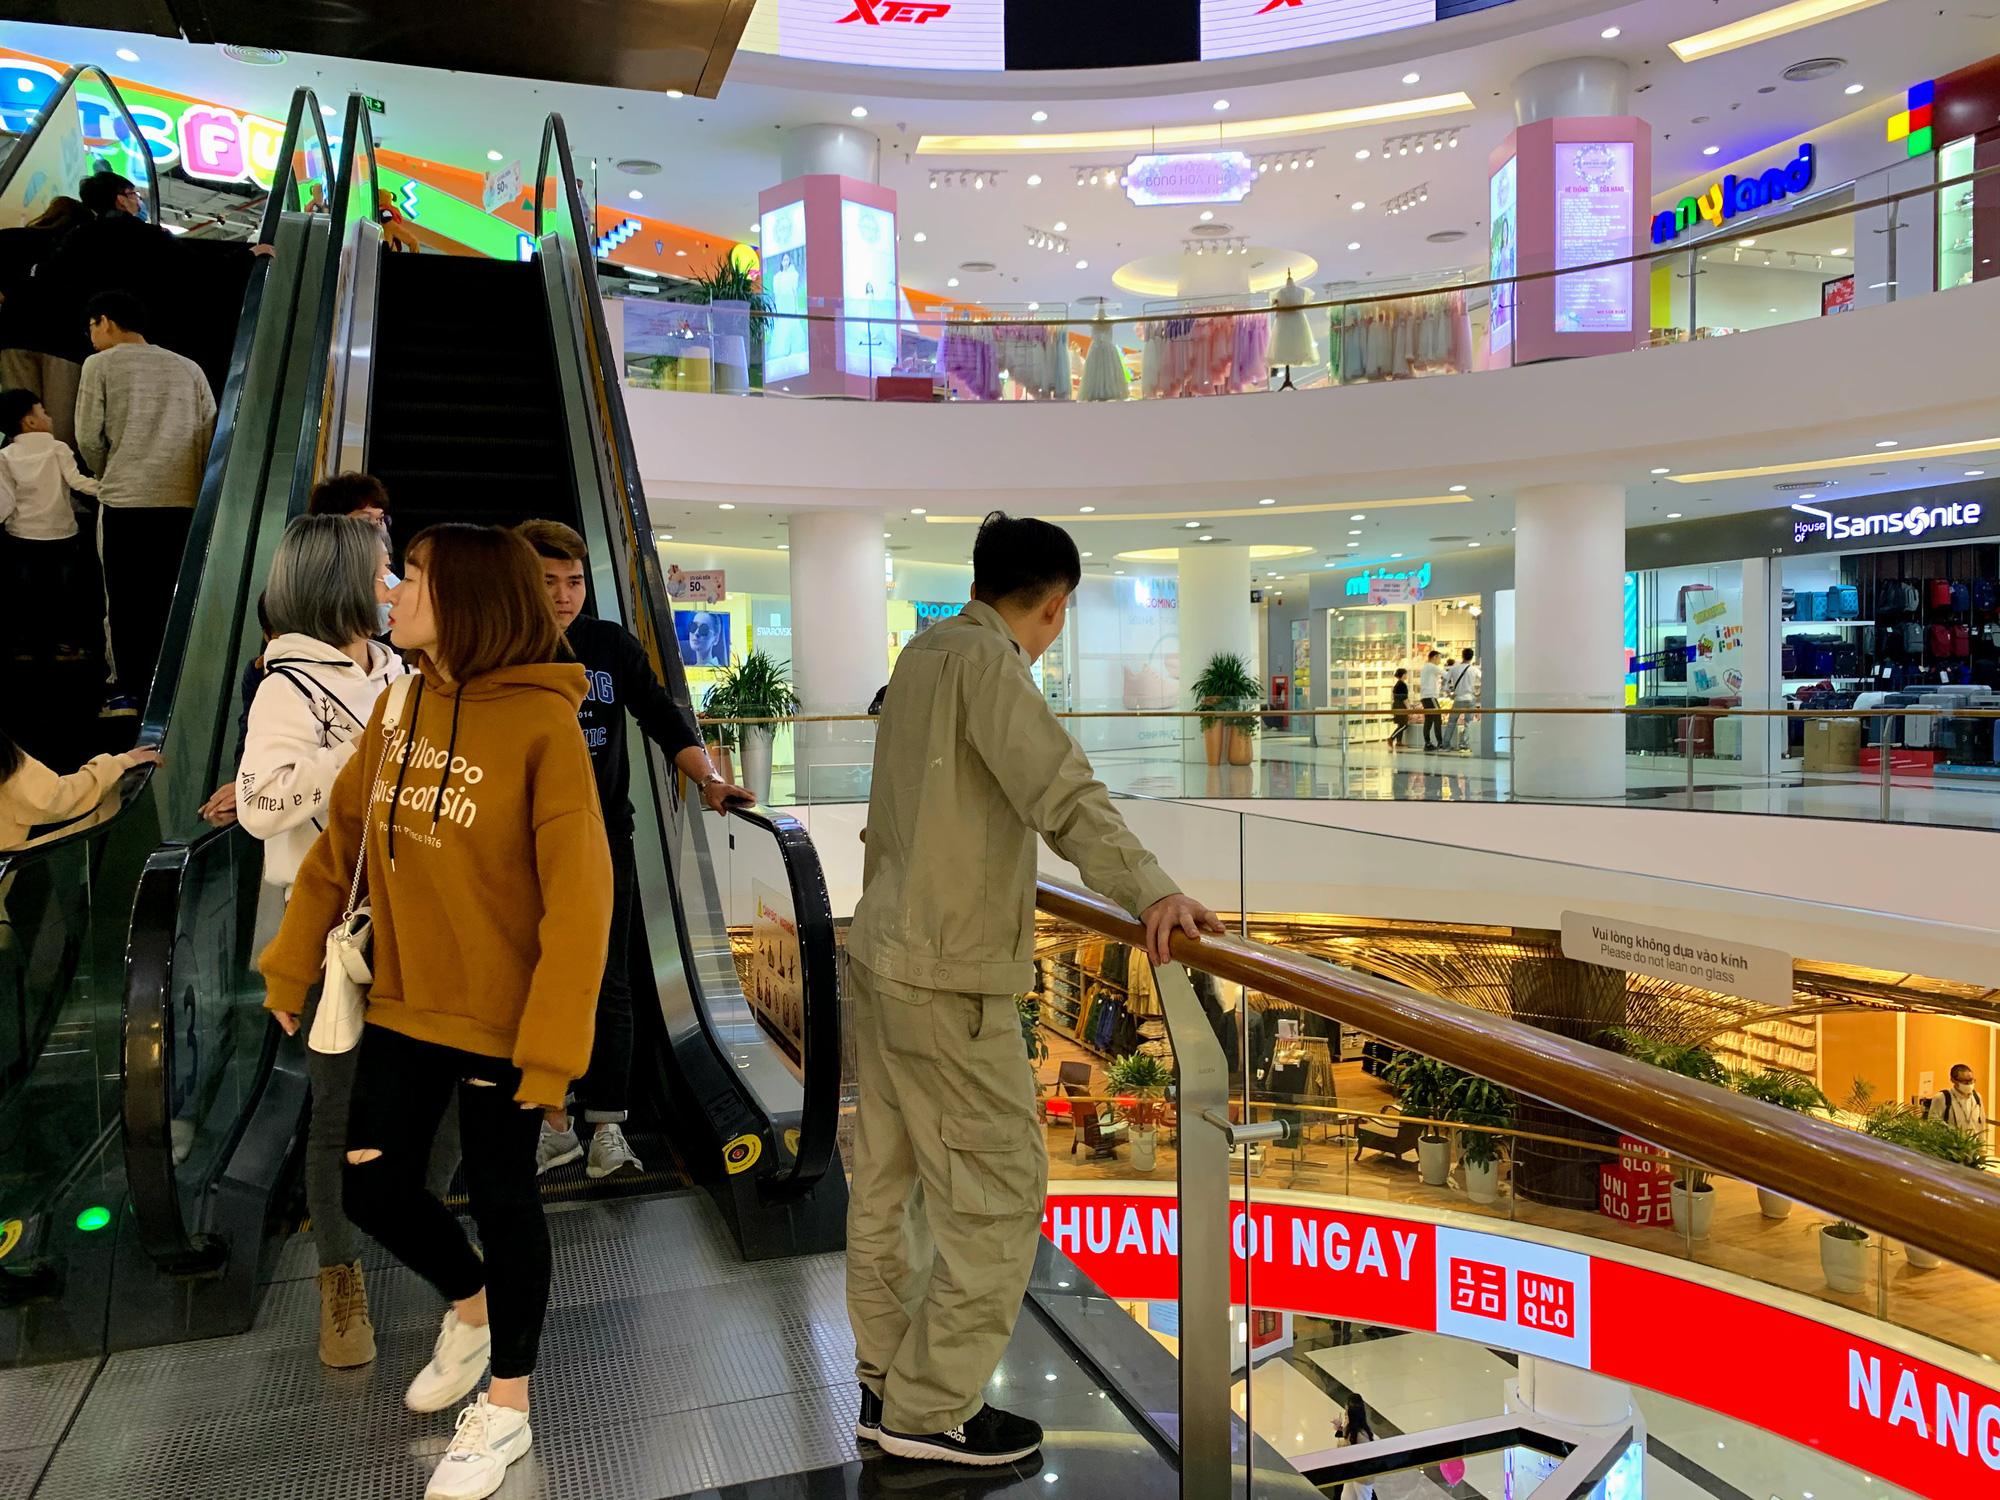 Bên trong cửa hàng Uniqlo lớn nhất Đông Nam Á ở Hà Nội có gì? - Ảnh 14.